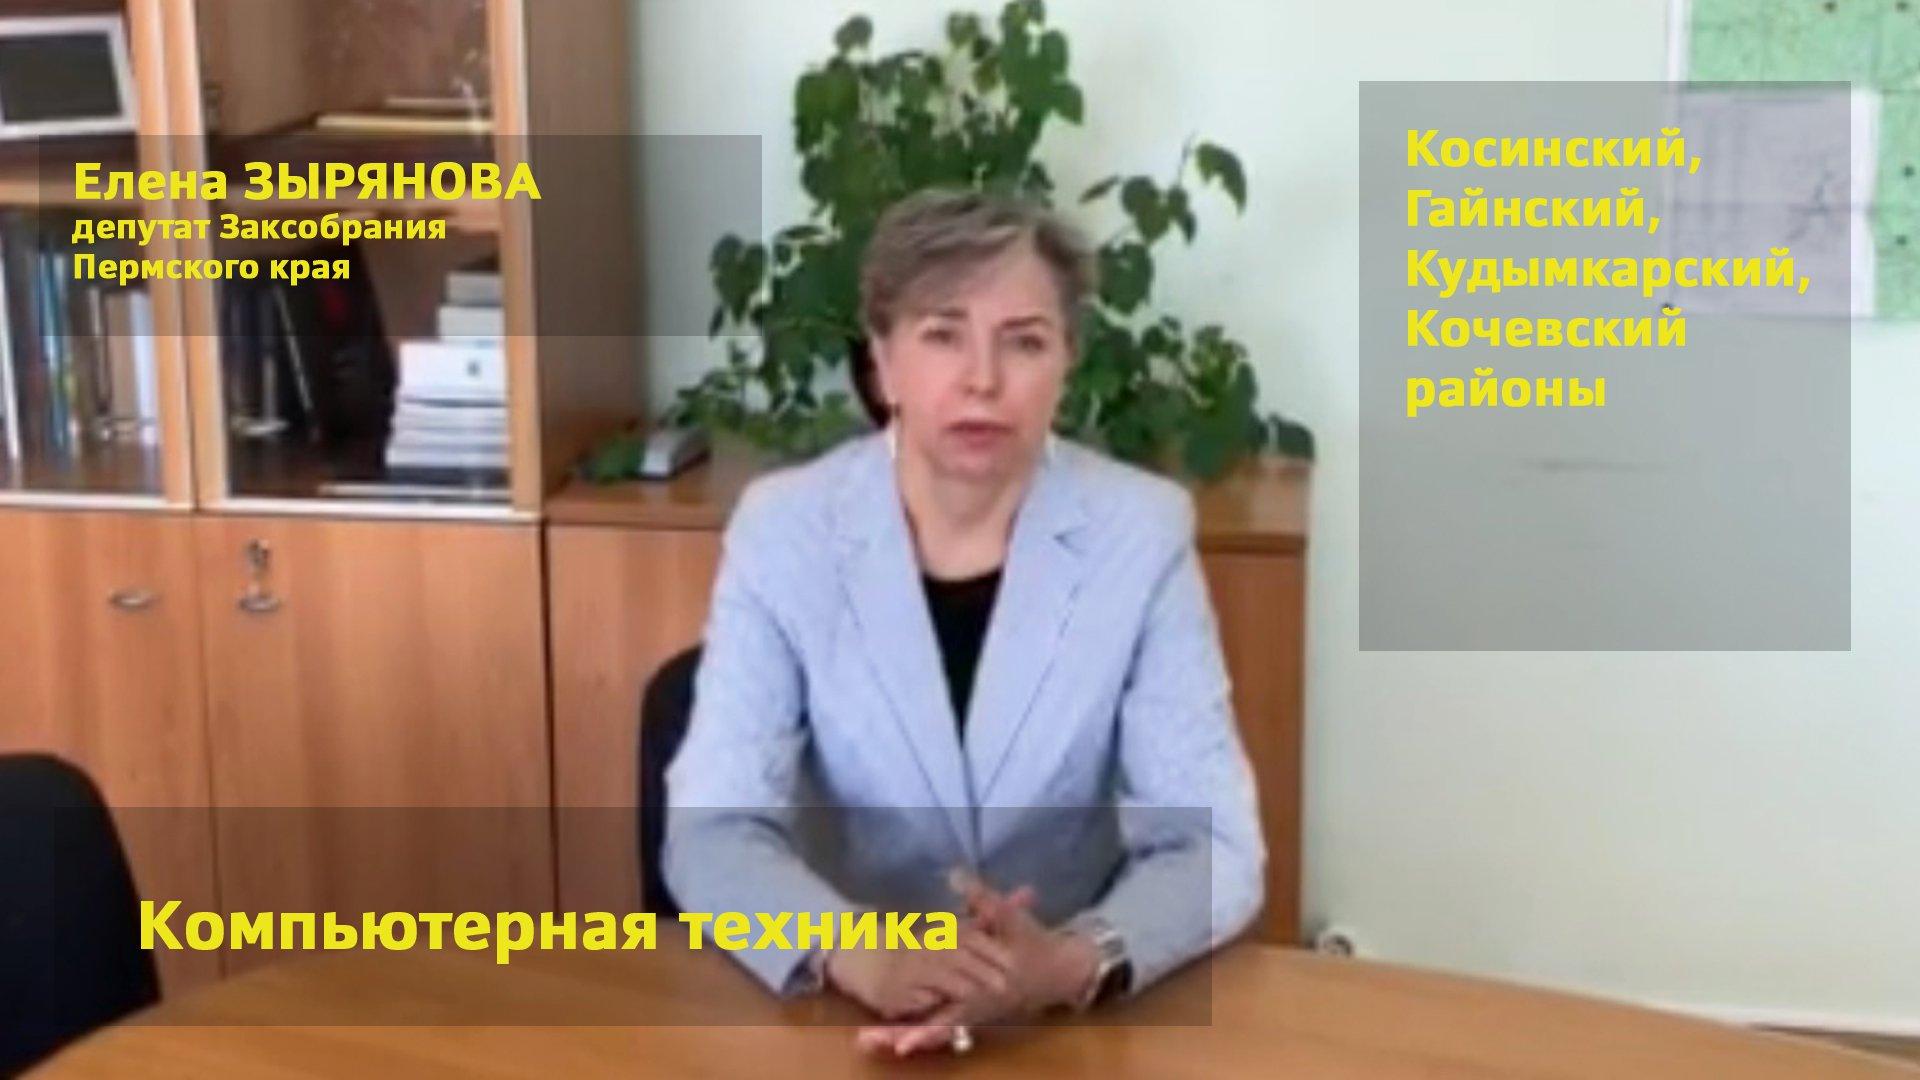 Елена Зырянова